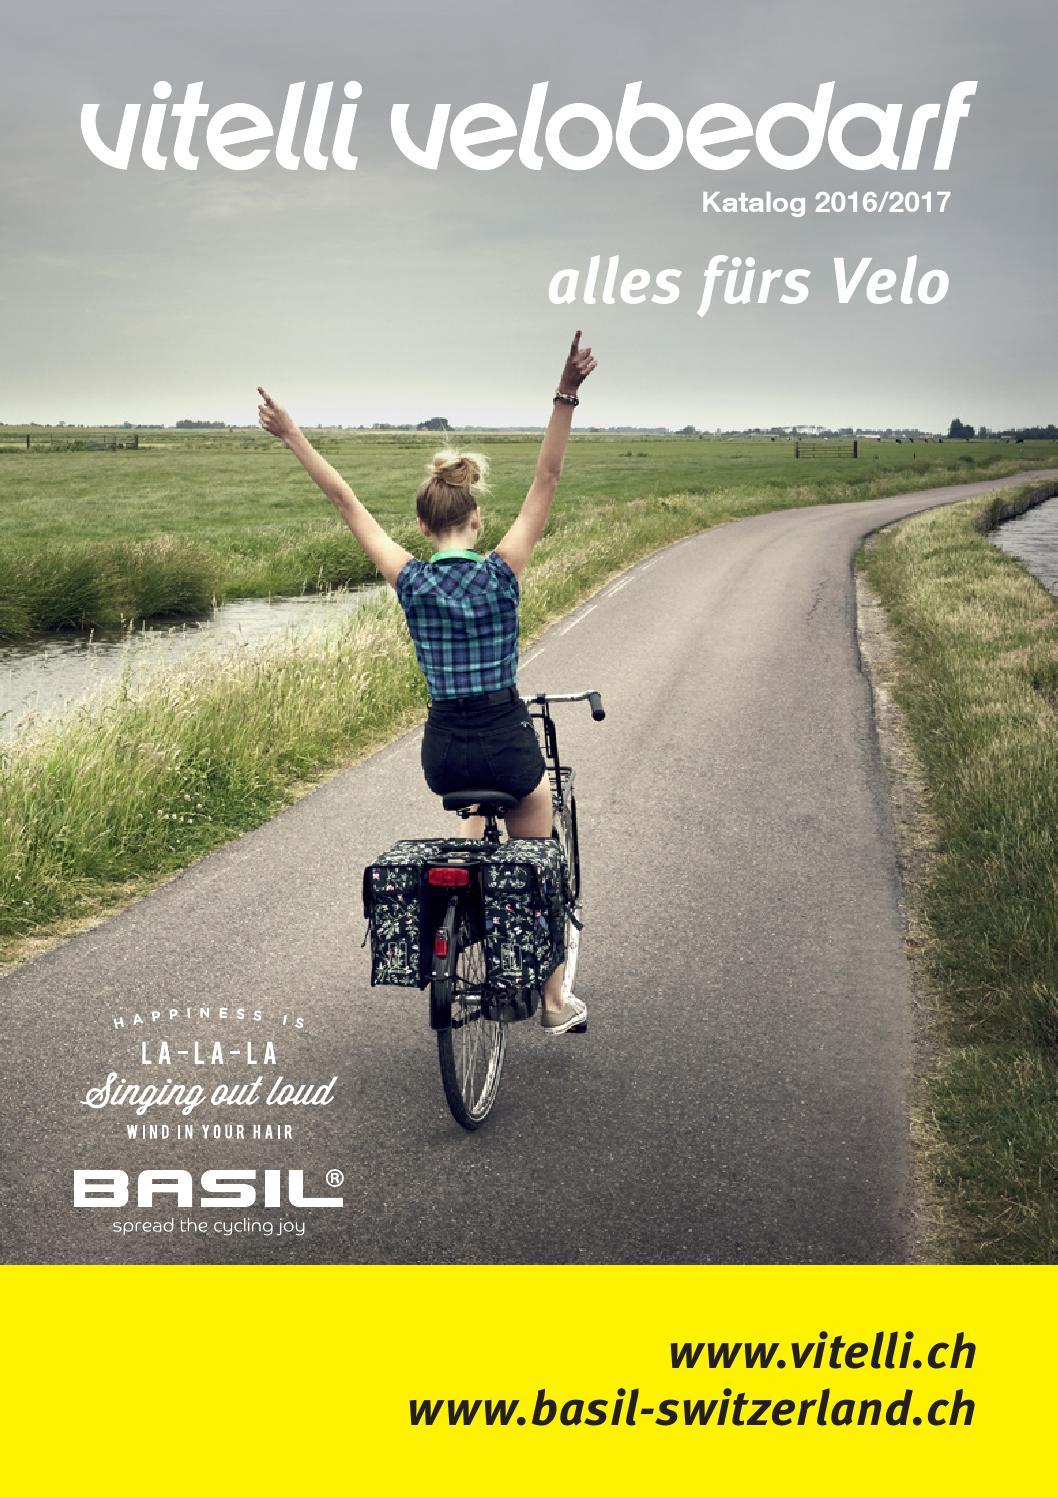 Vitelli Velobedarf Katalog 2016 2017 alles fuers velo basel by Guido ...